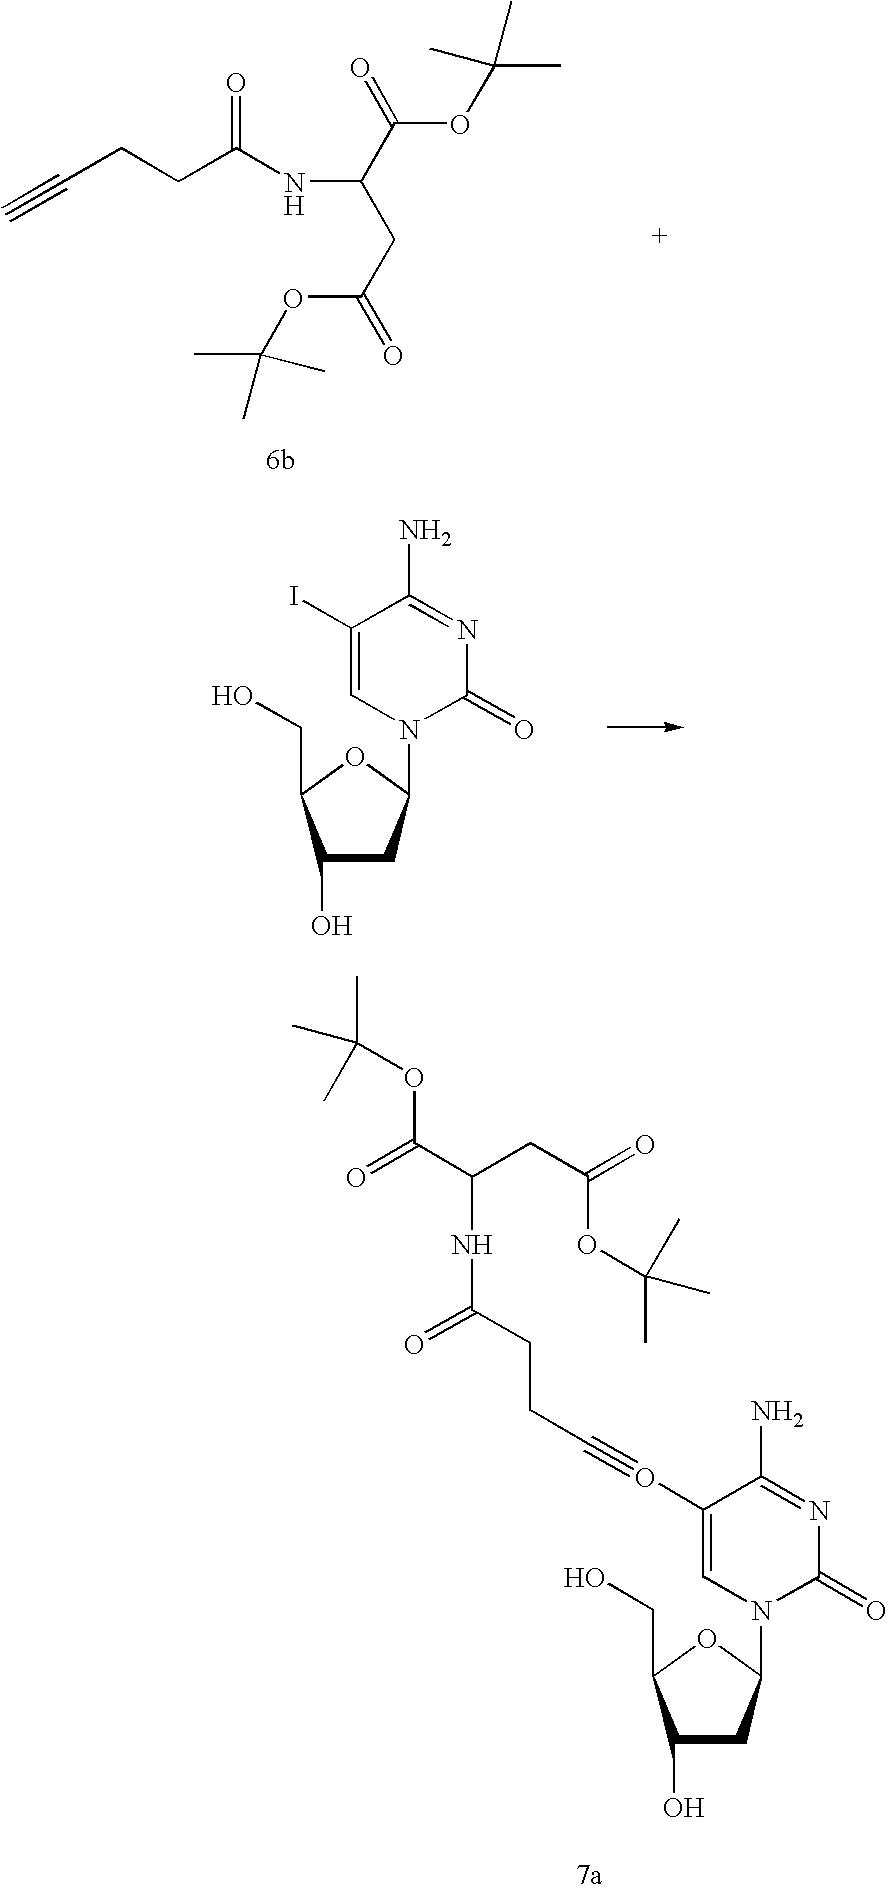 Figure US07727713-20100601-C00053